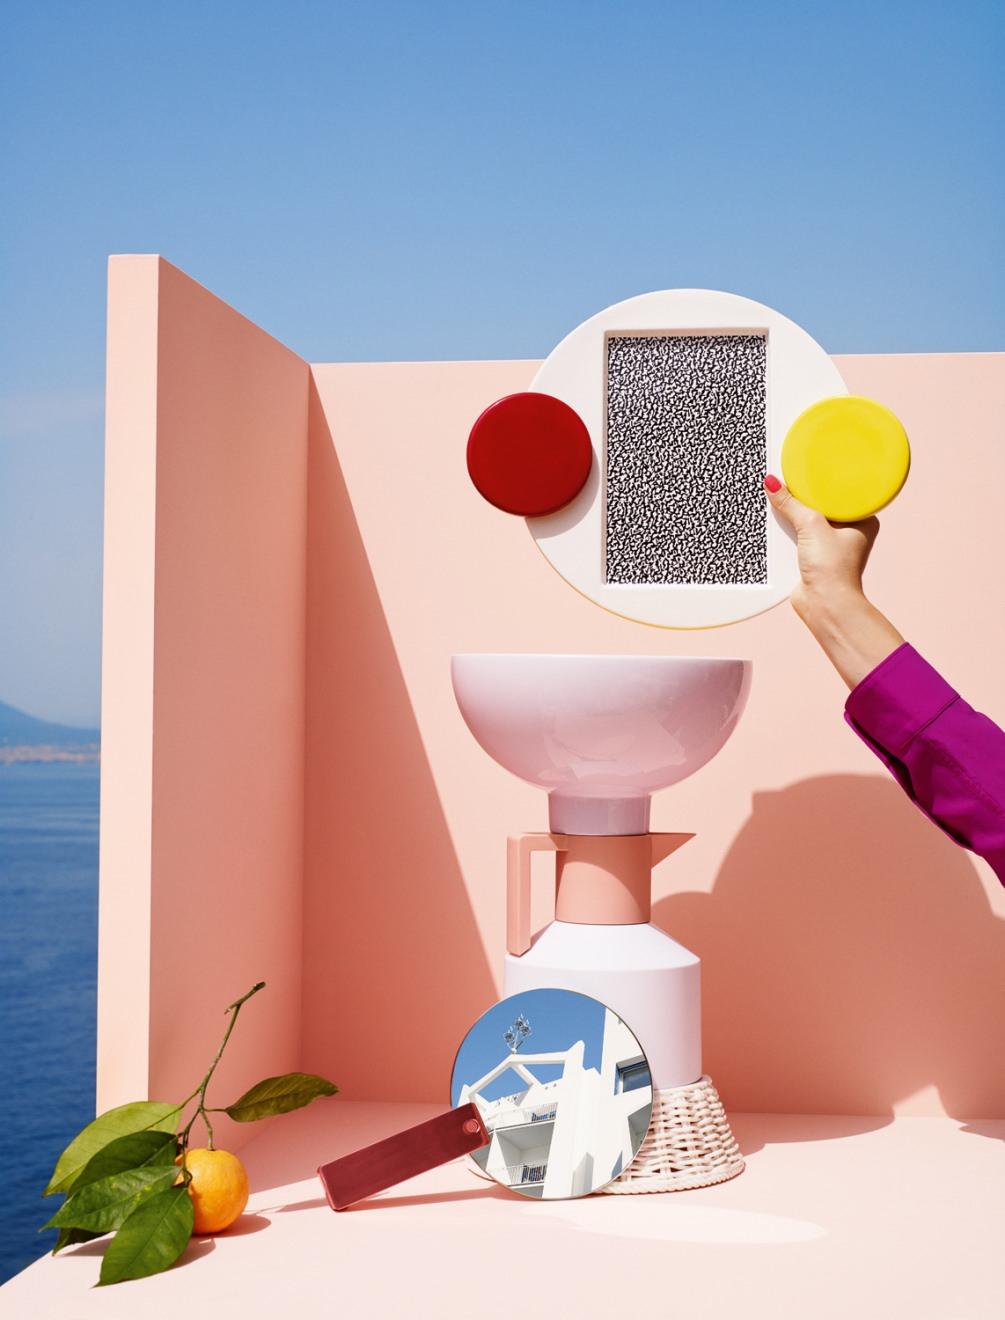 1980s-Design